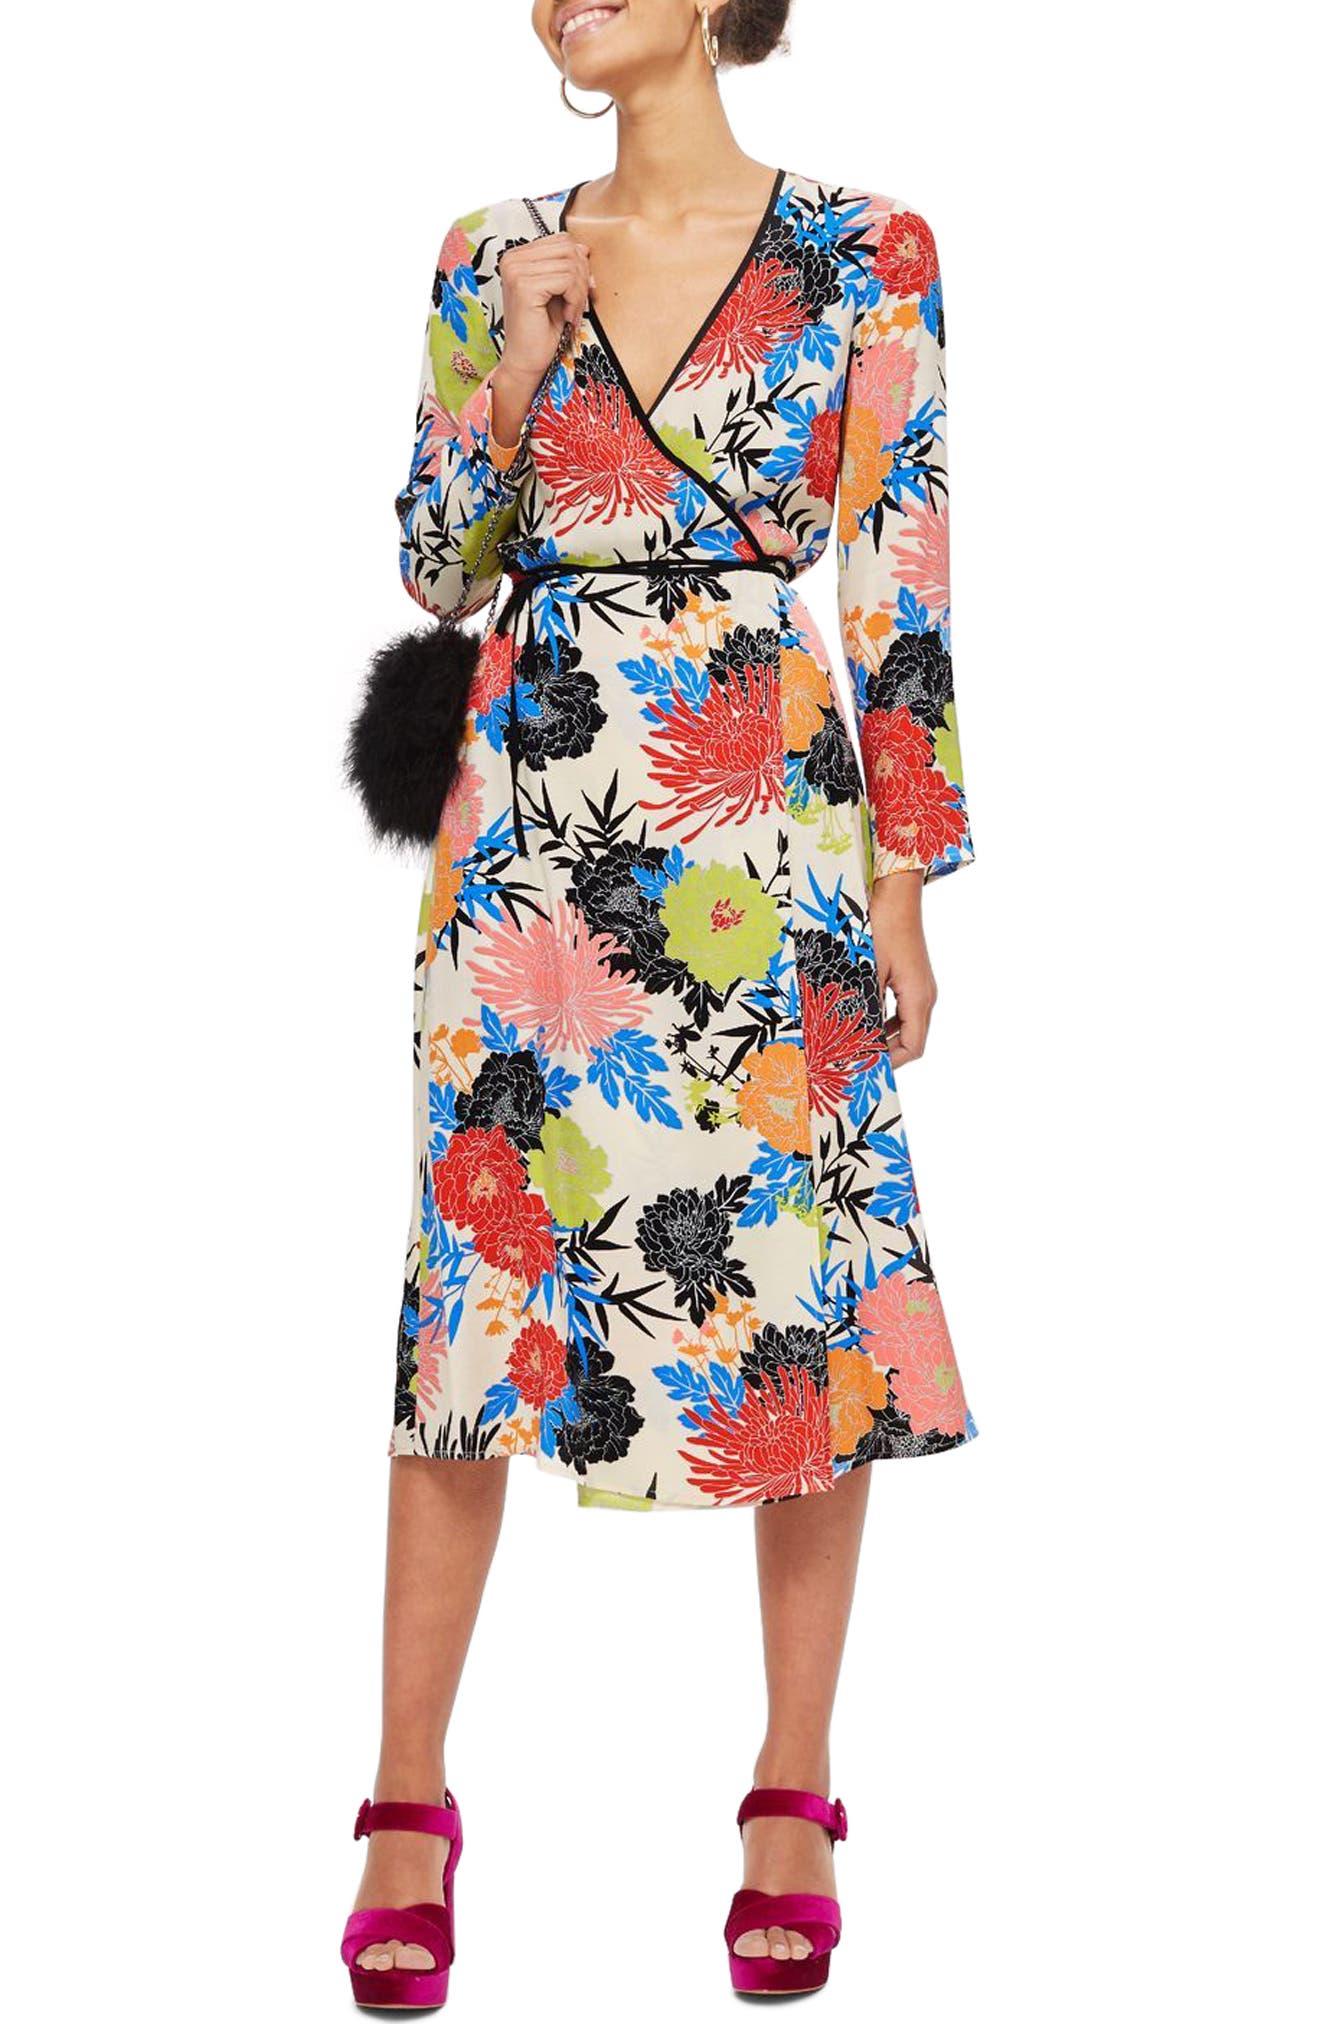 Topshop Freya Floral Wrap Dress